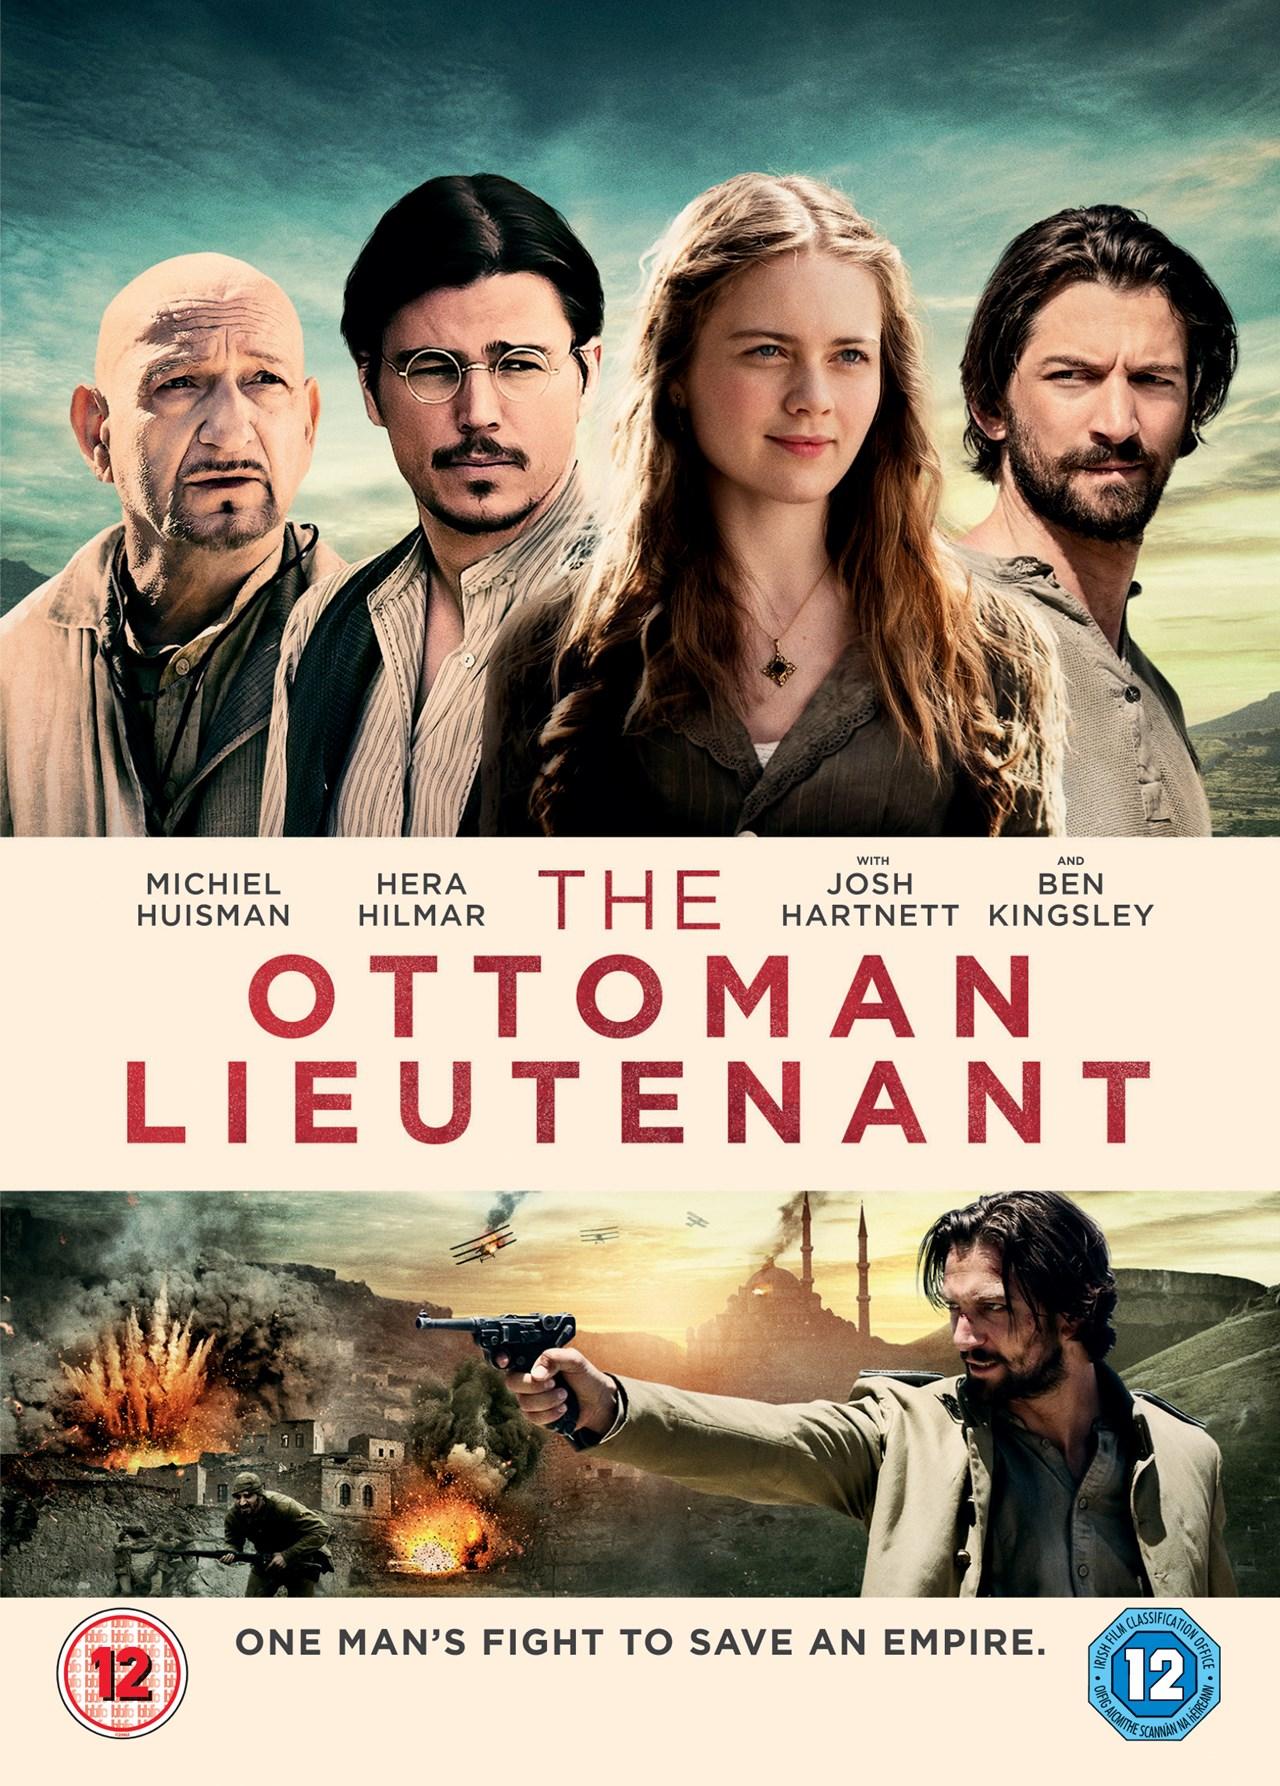 The Ottoman Lieutenant - 1